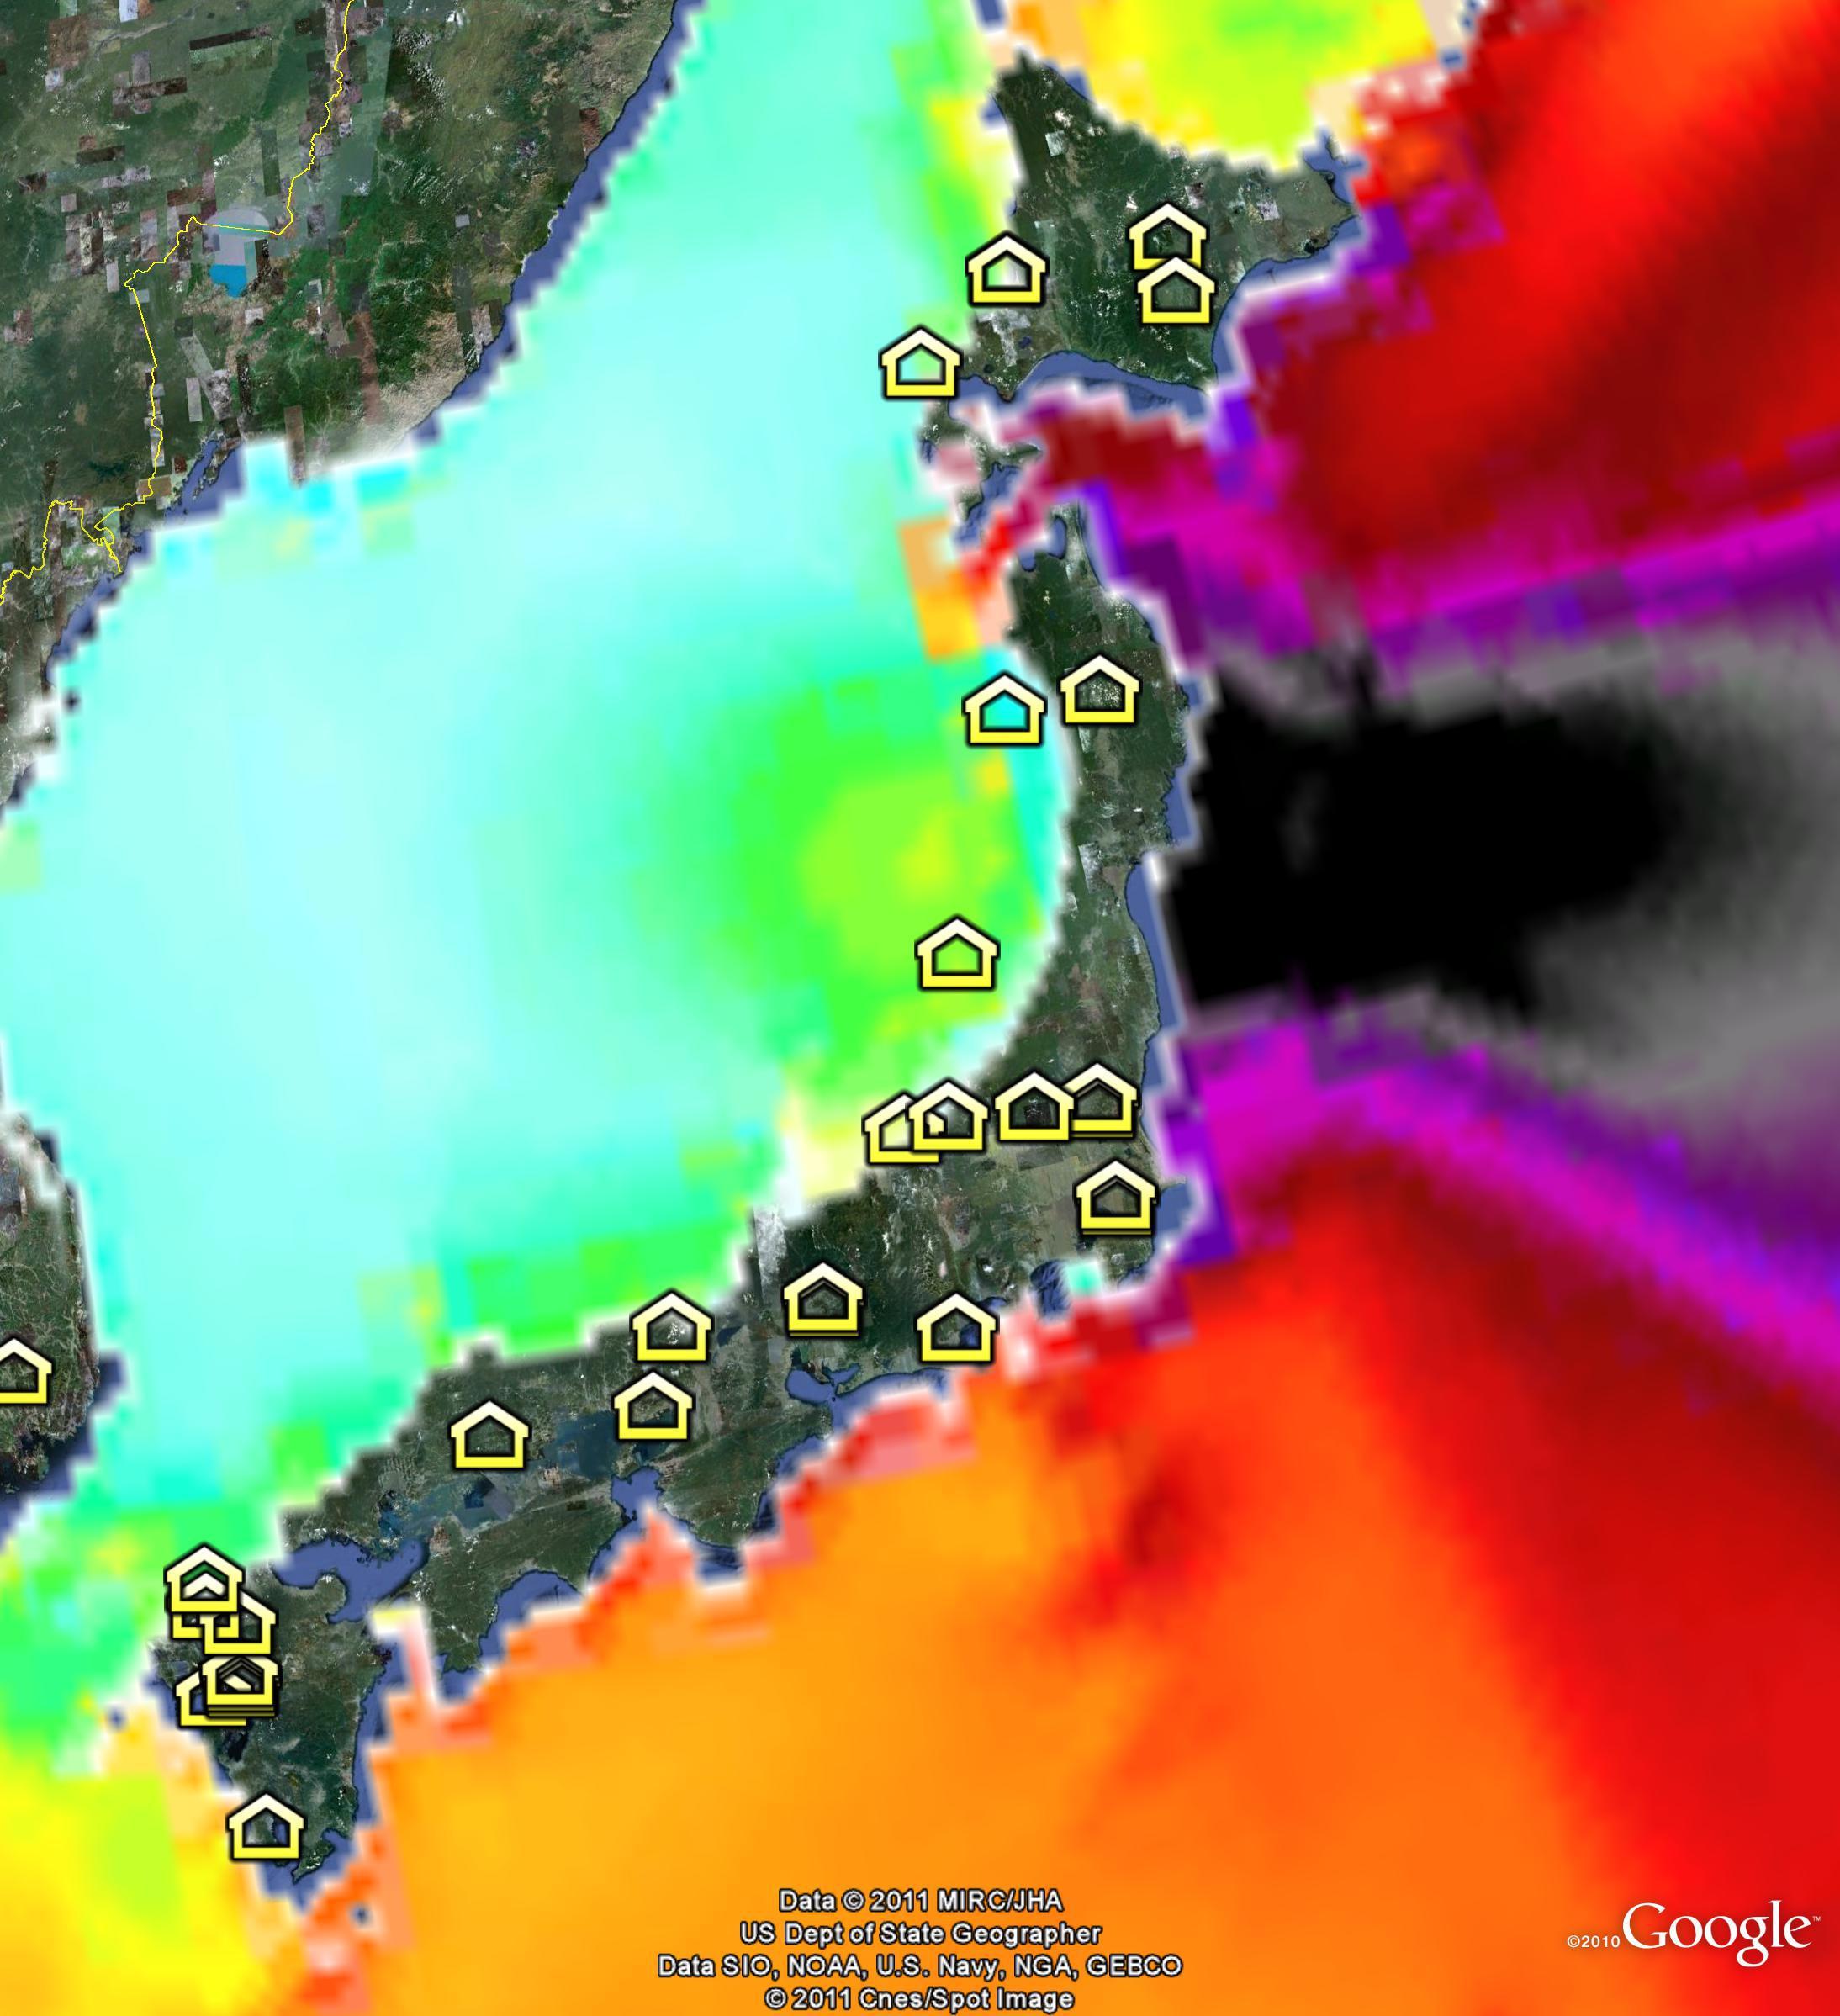 300zx Turbo Wiki: Japan Tsunami Wave Height